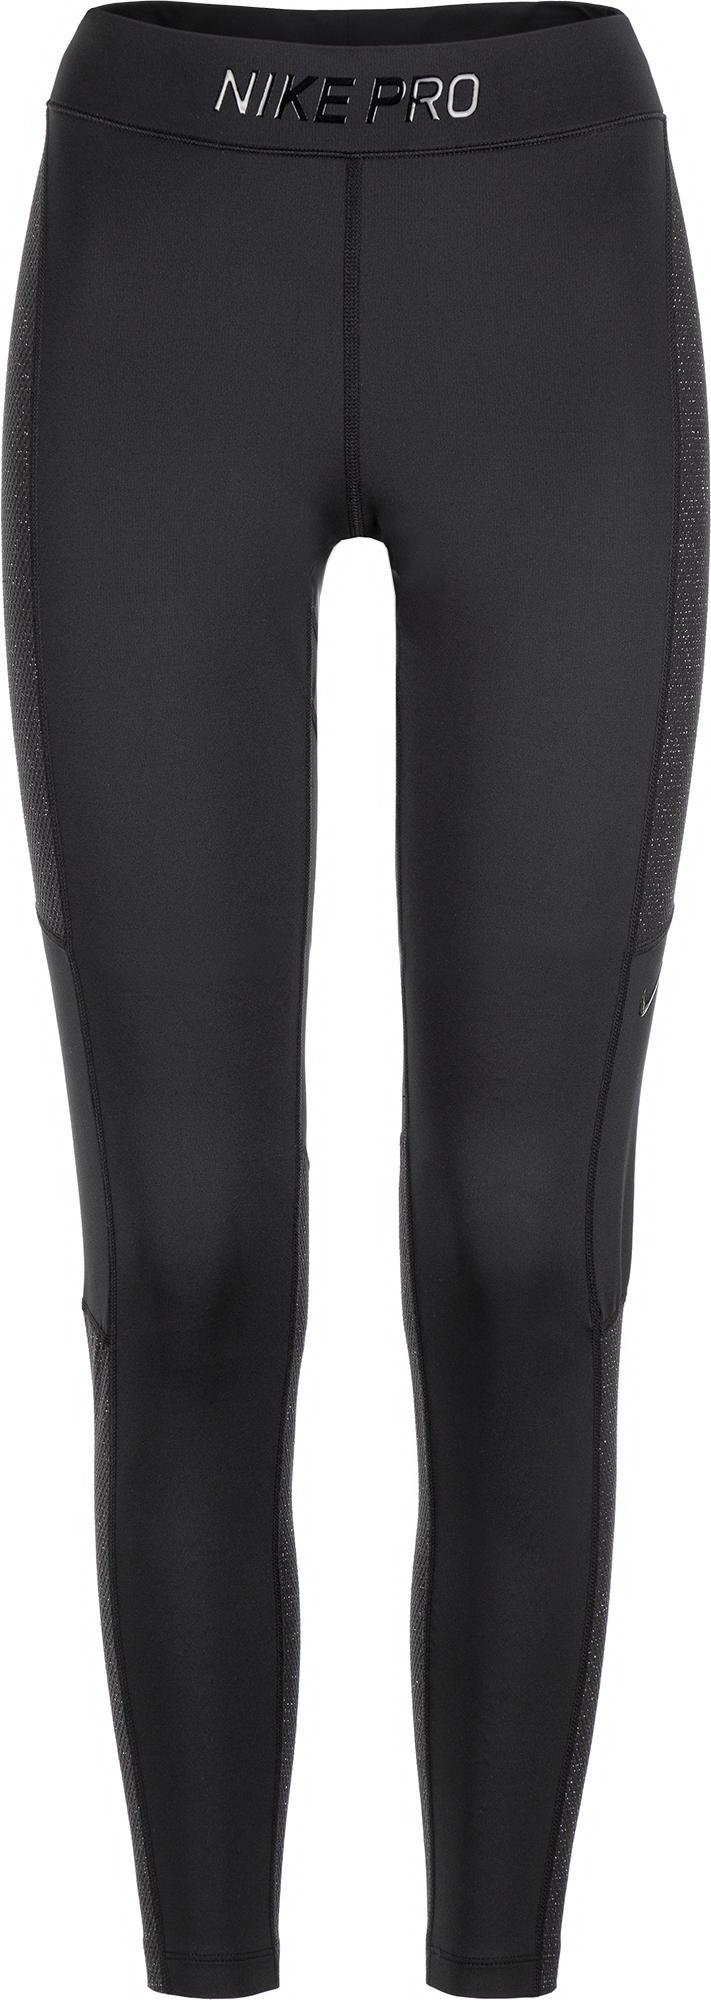 Nike Легинсы женские Pro Warm Hollywood, размер 48-50